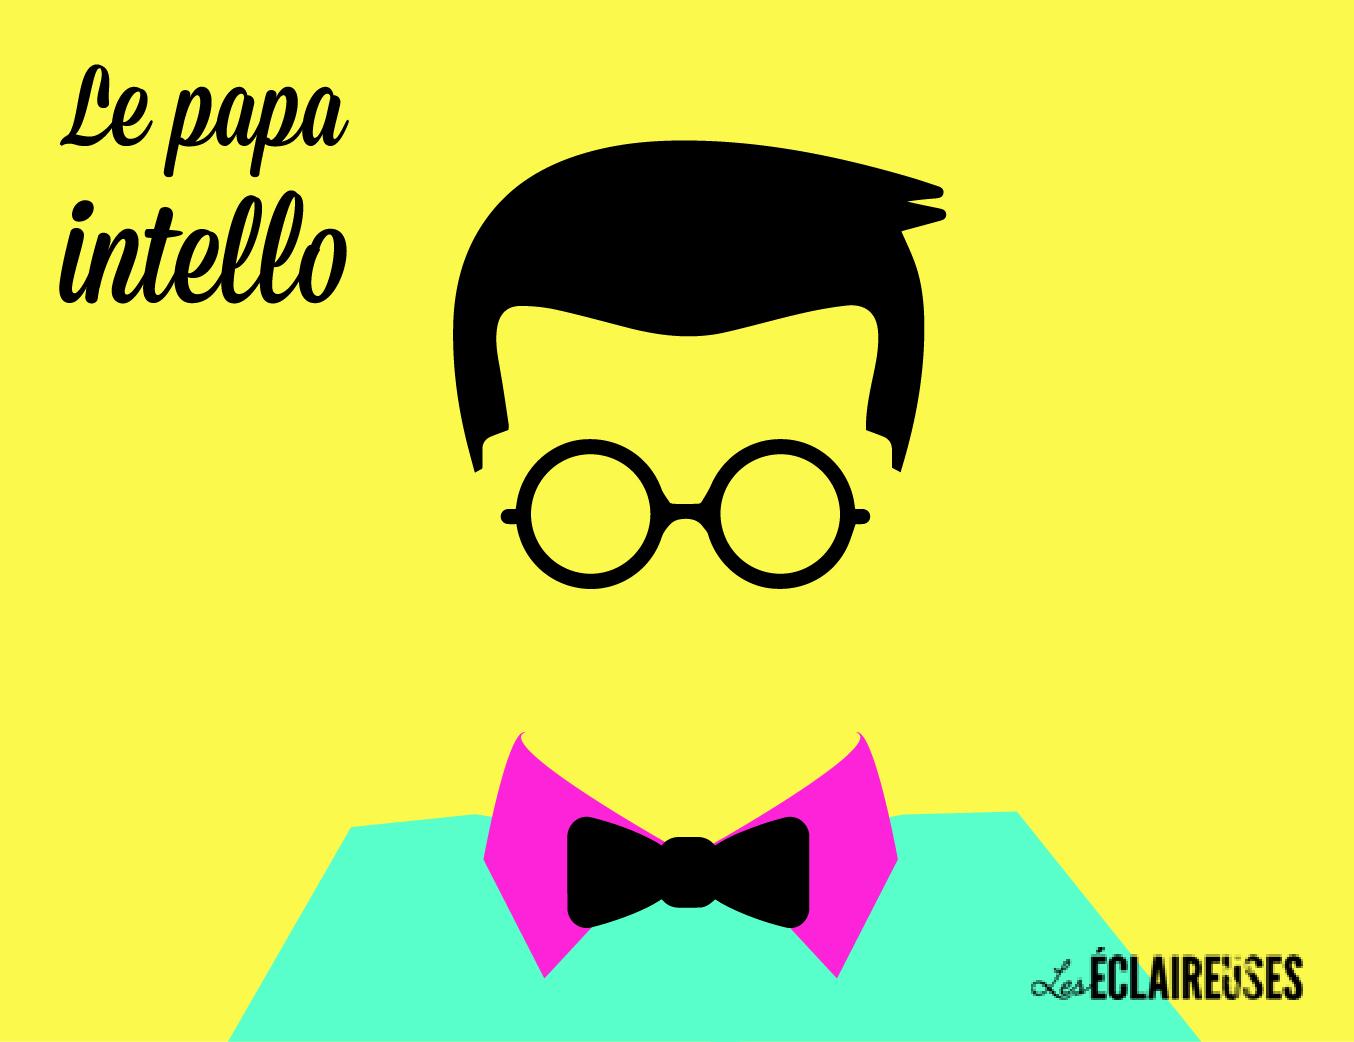 Fête des pères : 20 idées cadeaux pour un Papa intello